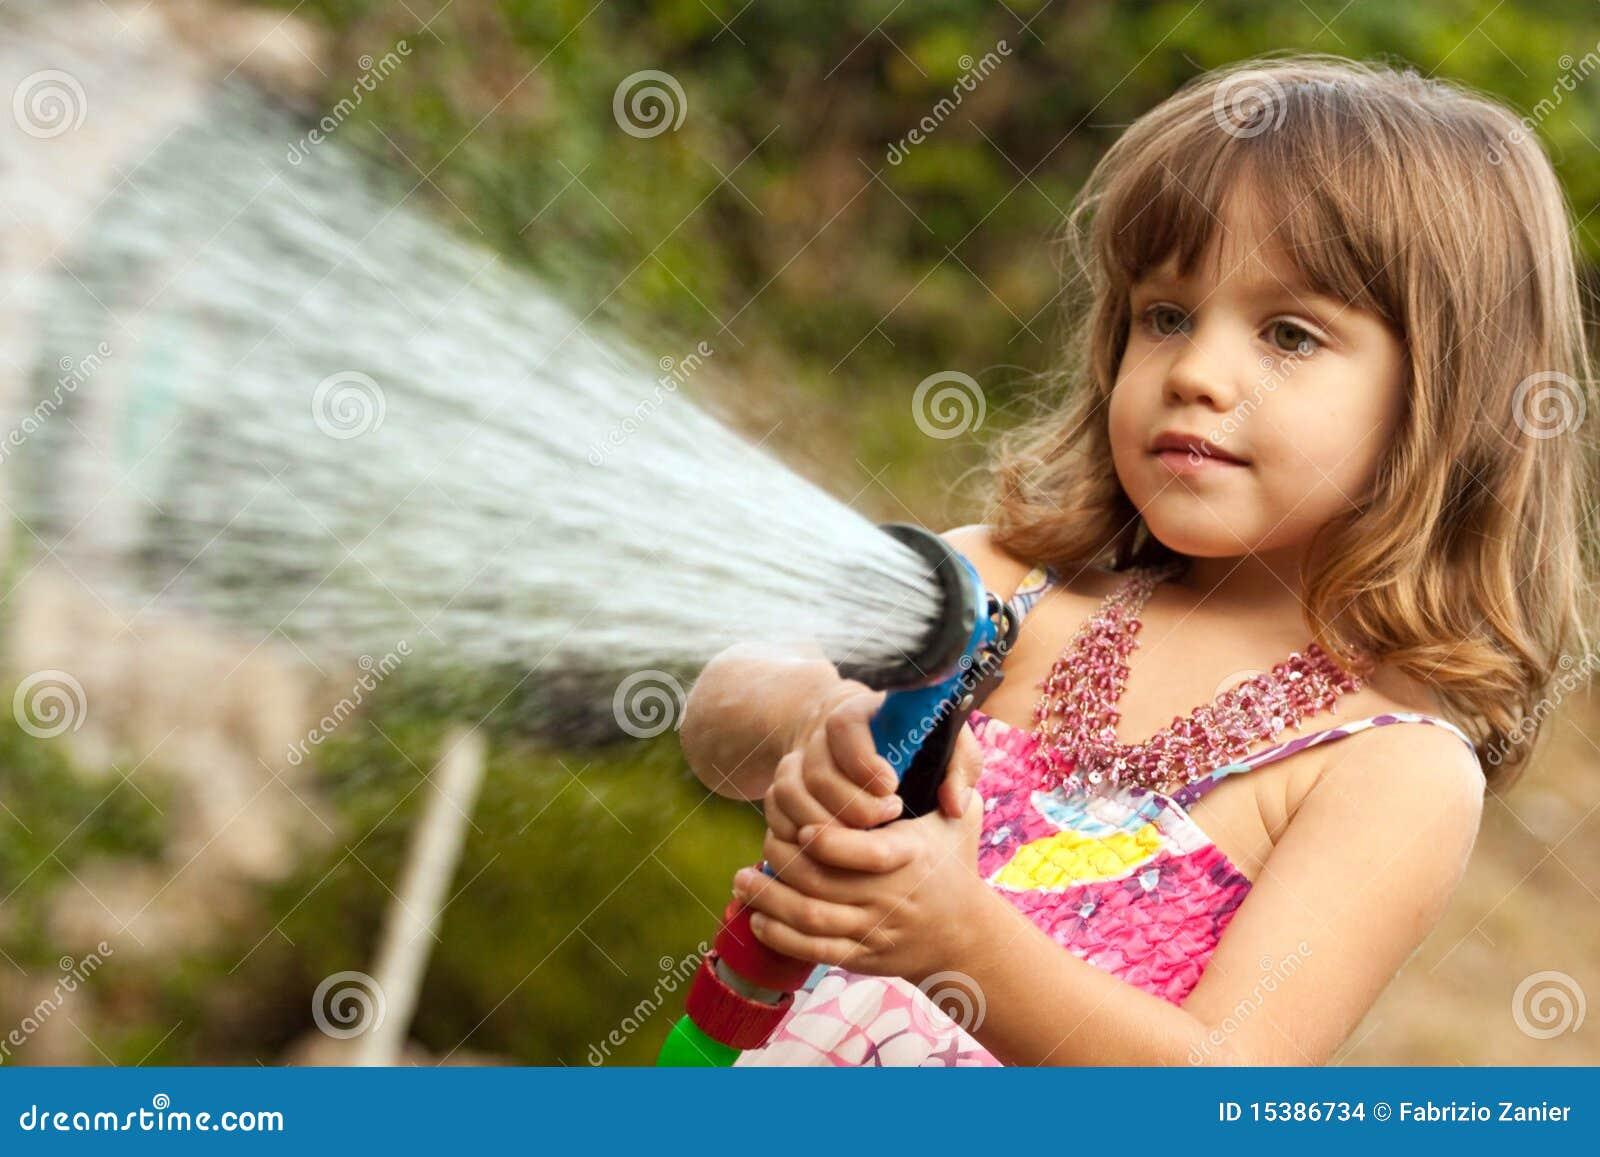 Petite fille jouant avec de l eau